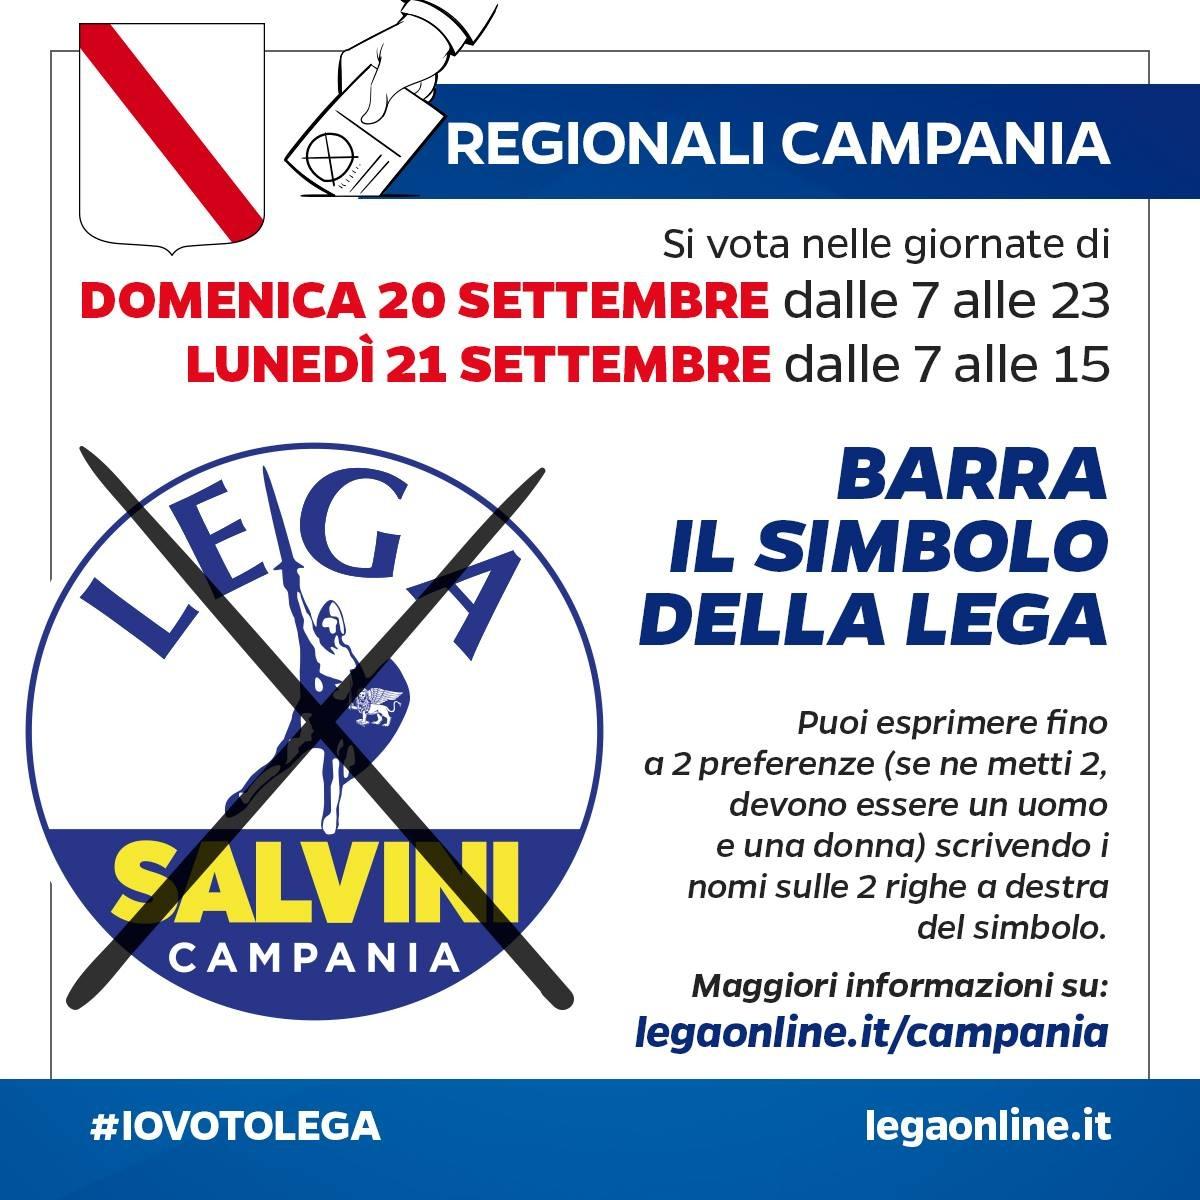 Domenica 20 settembre dalle 7 alle 23 e lunedì 21 settembre dalle 7 alle 15 VOTA LEGA! #STAVOLTAVOTOLEGA